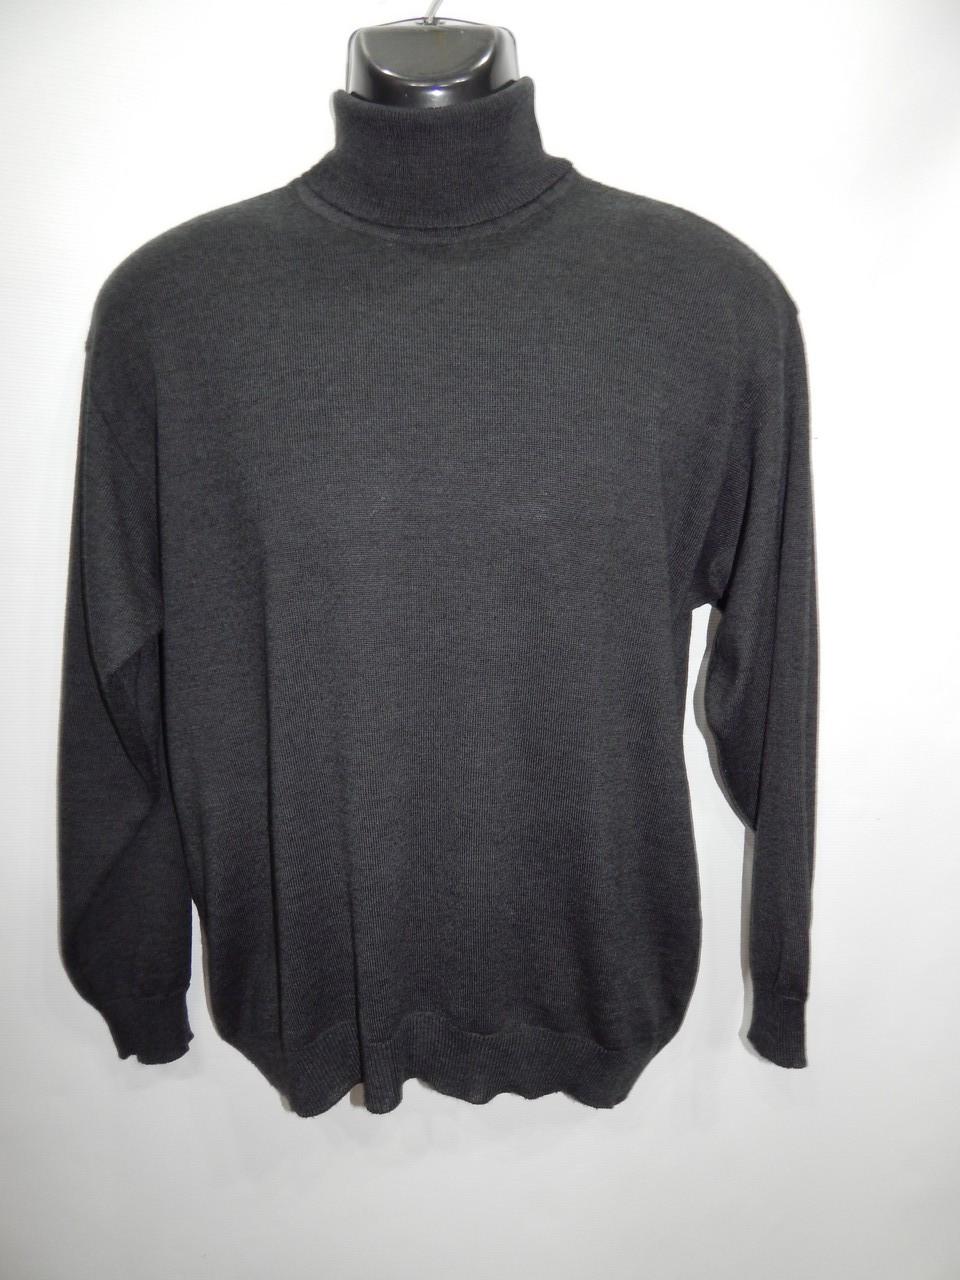 Гольф мужской шерстяной теплый Black Label р.48-50 004GM